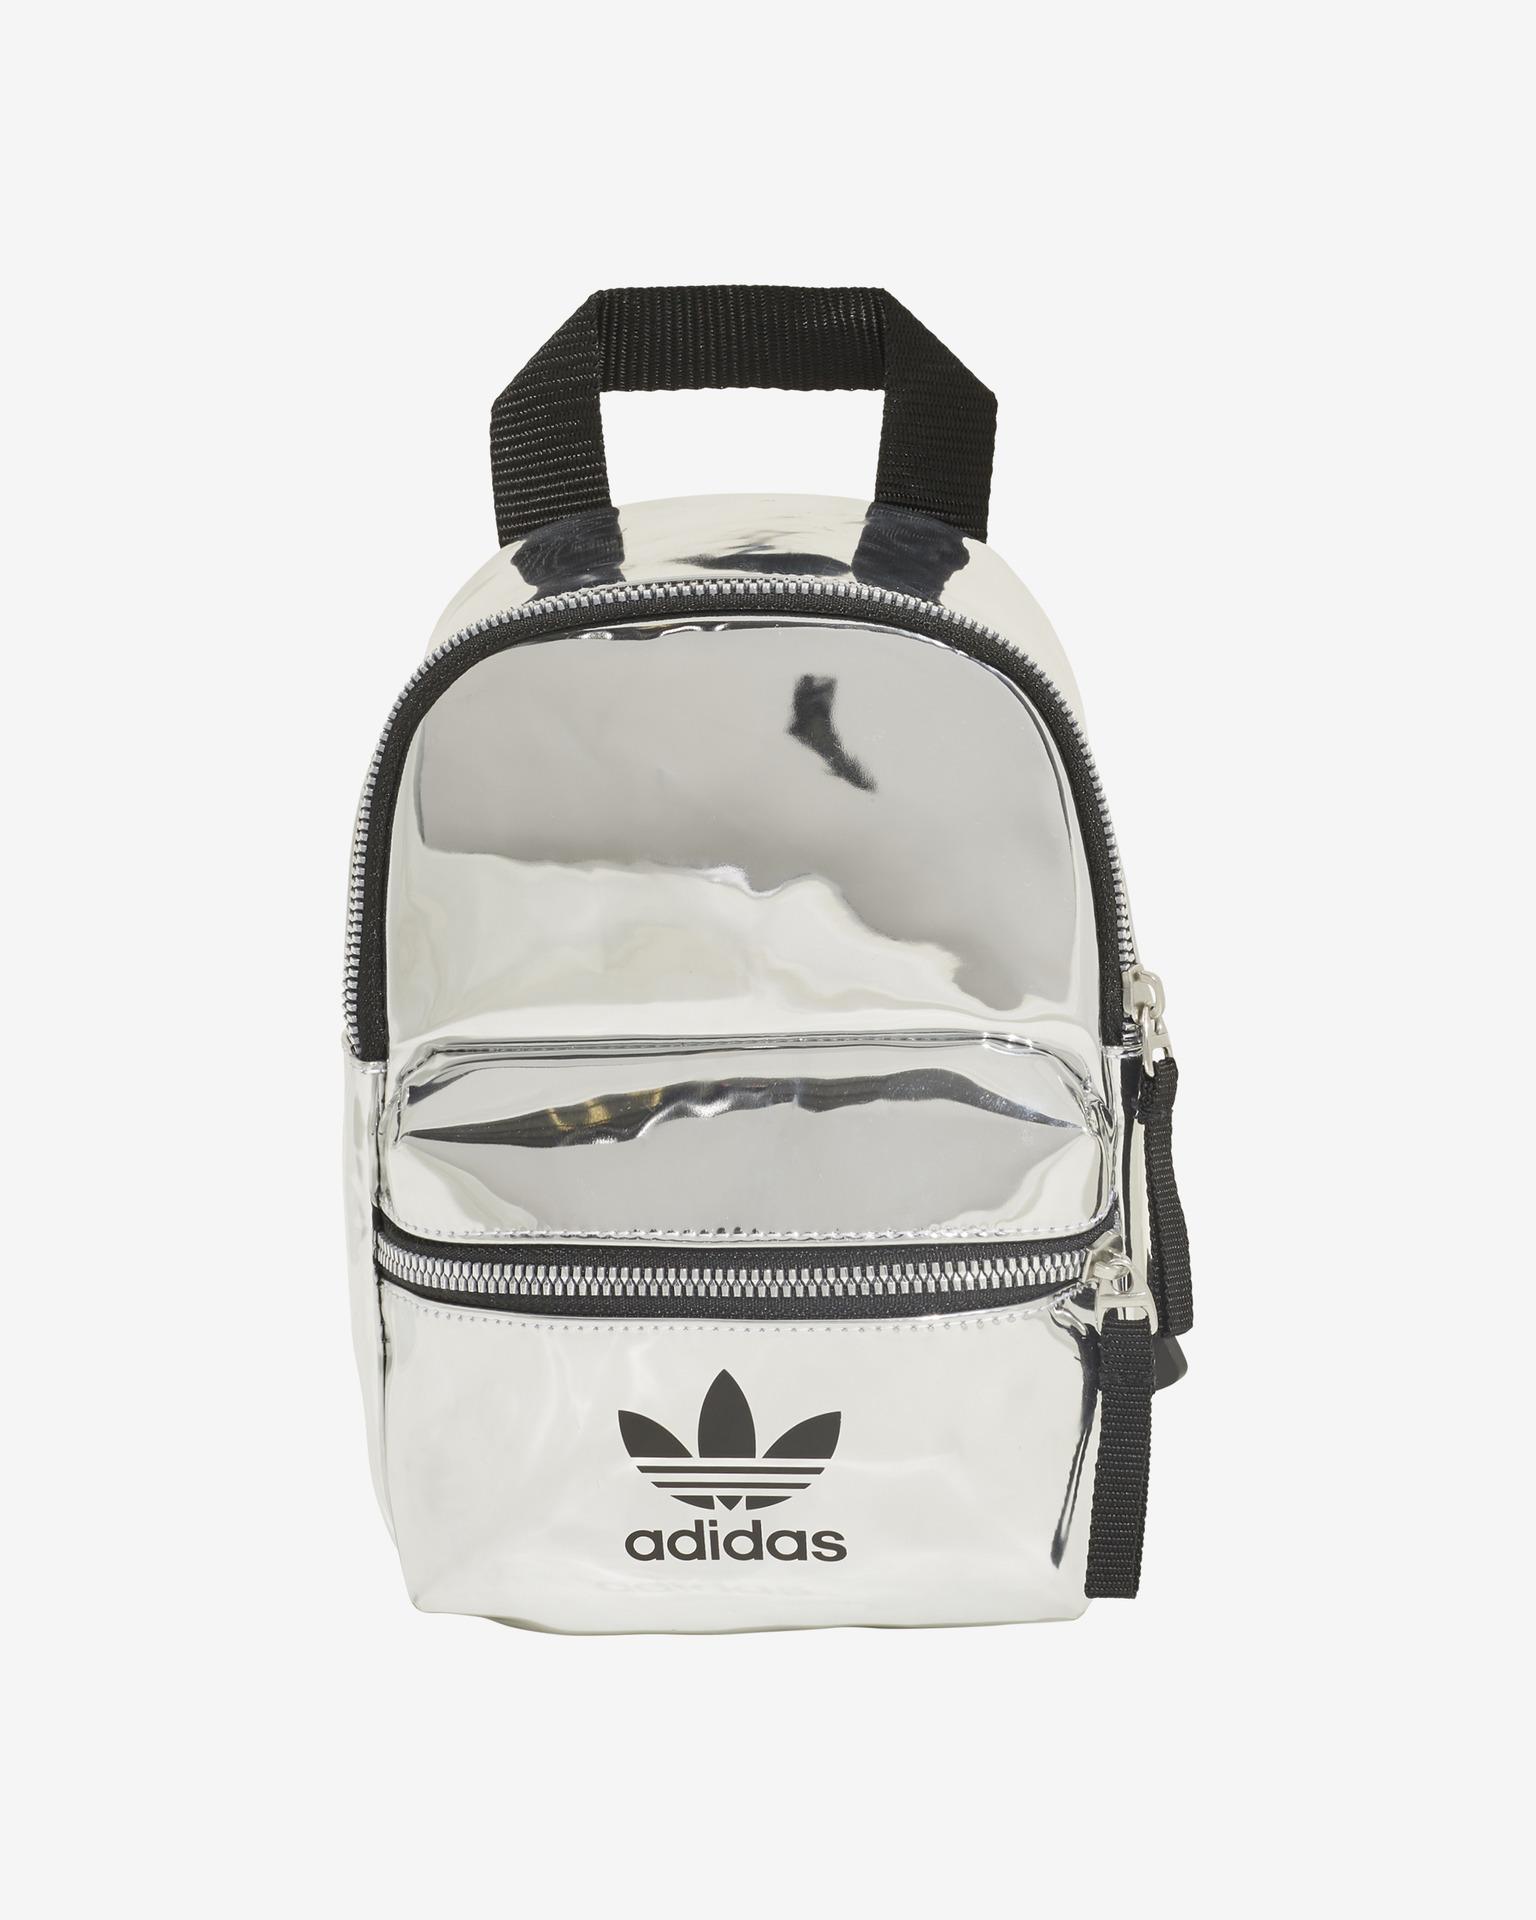 jumătate de preț 100% autentic moda inalta neformalus Rudydas Kiplingas Brolija rucsac mini adidas - clarodelbosque.com